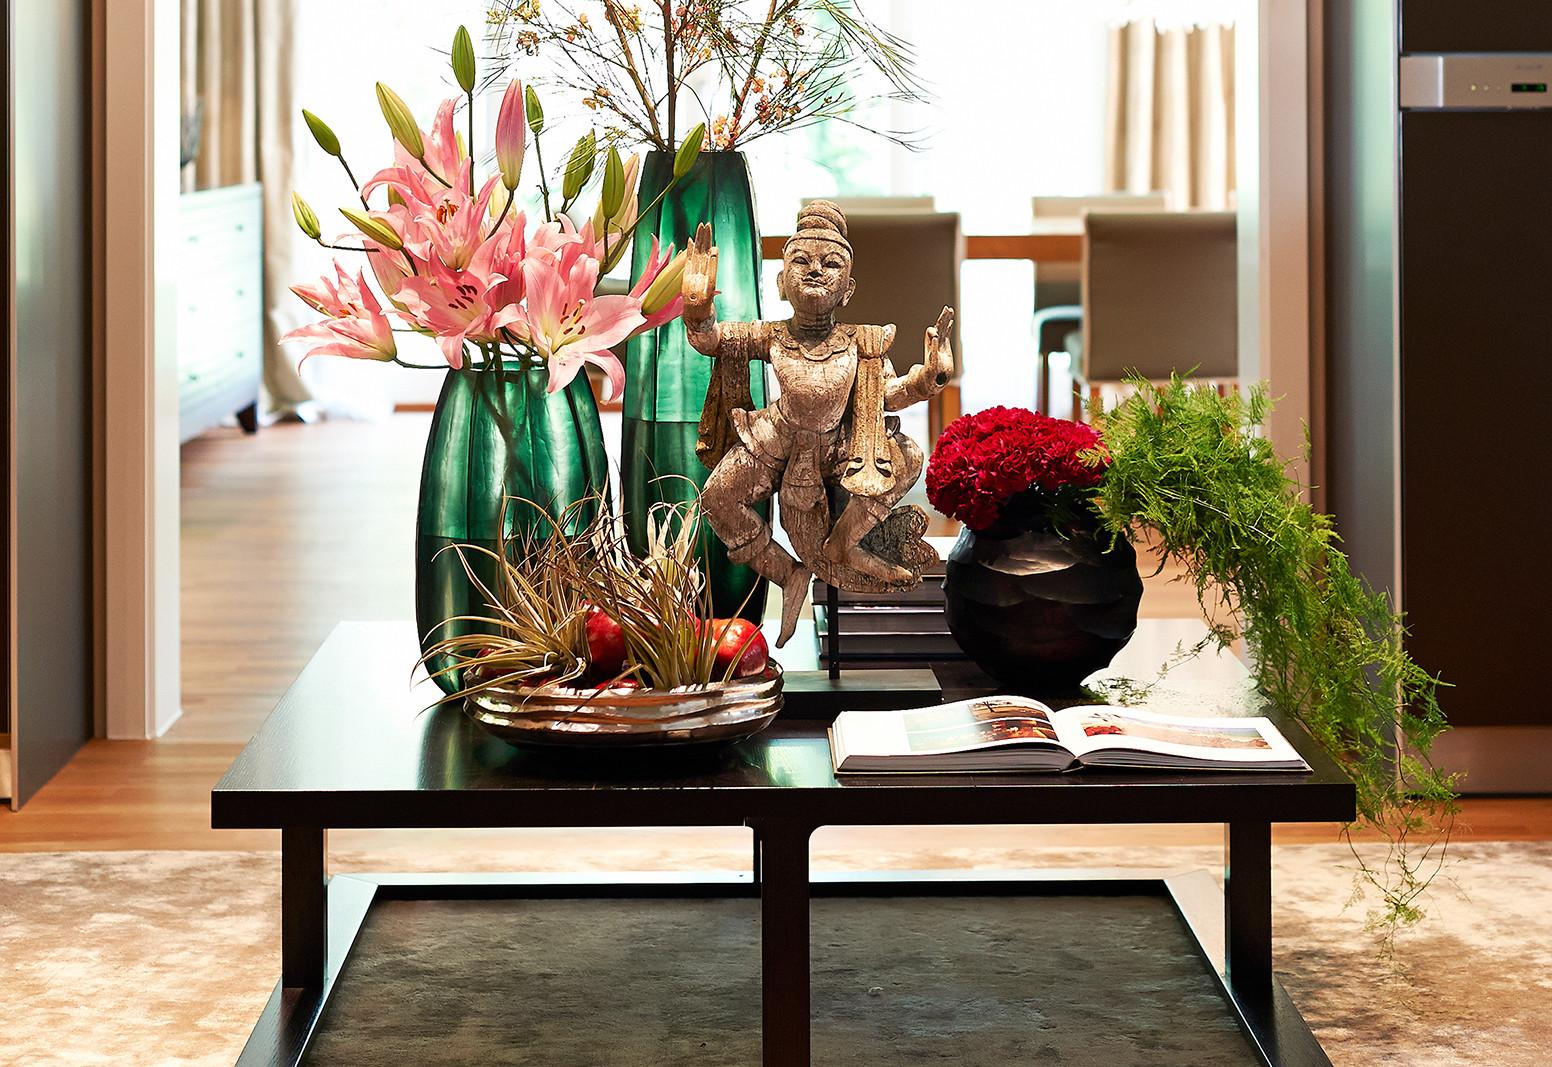 Stefanie Raum Dekoration Beistelltisch Raum Contemporary Interior